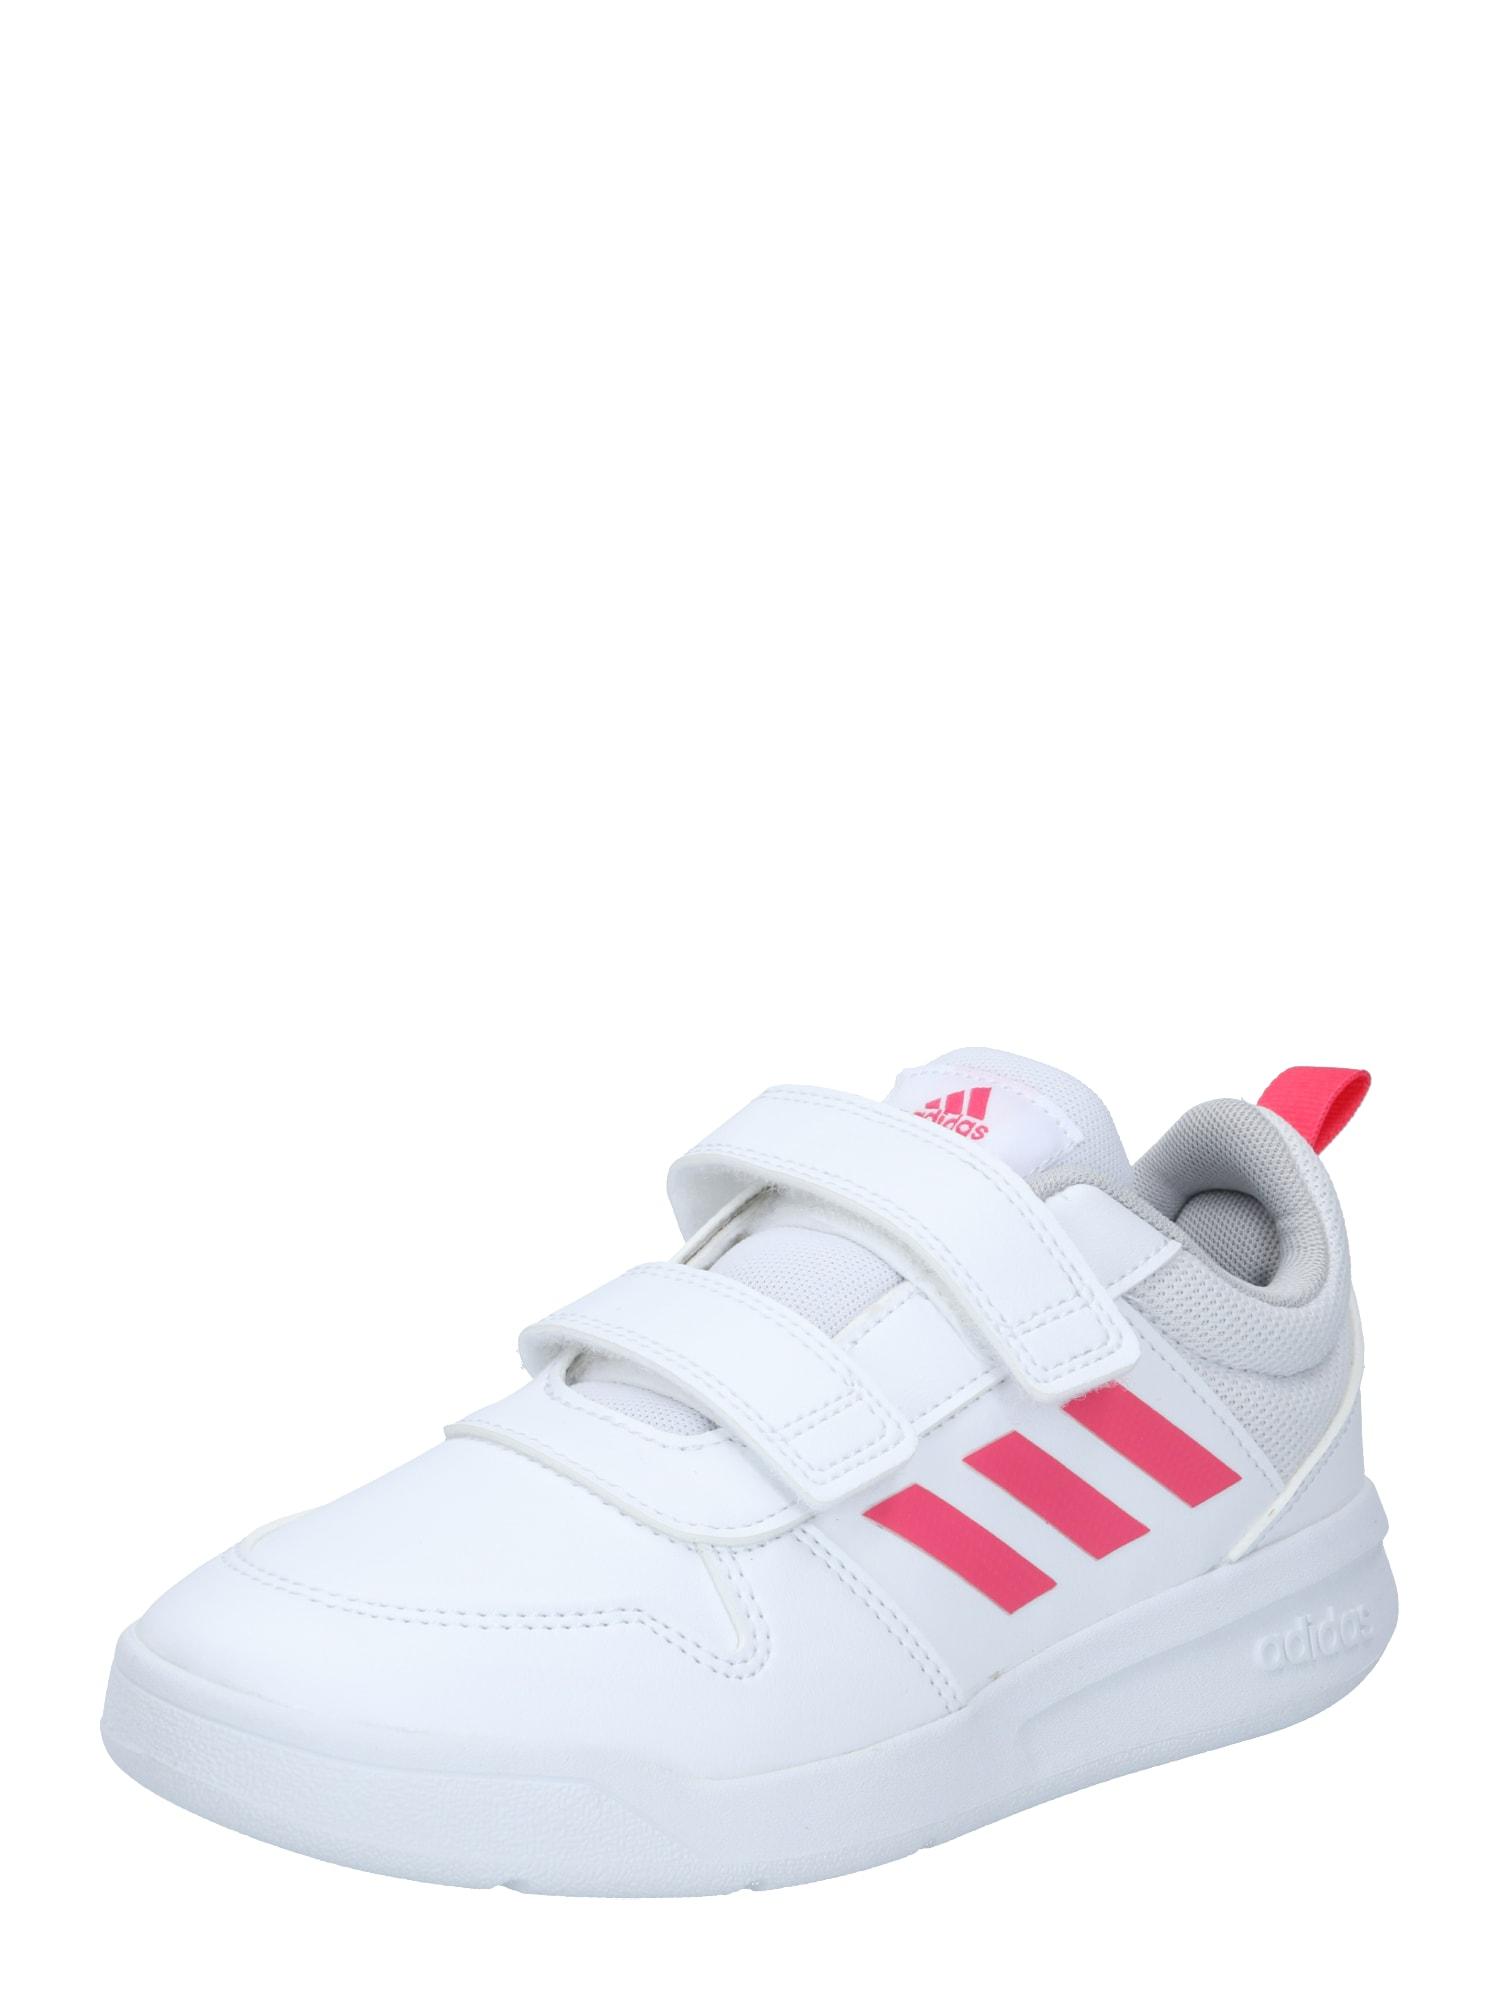 ADIDAS PERFORMANCE Sportiniai batai 'Tensaur' balta / rožinė